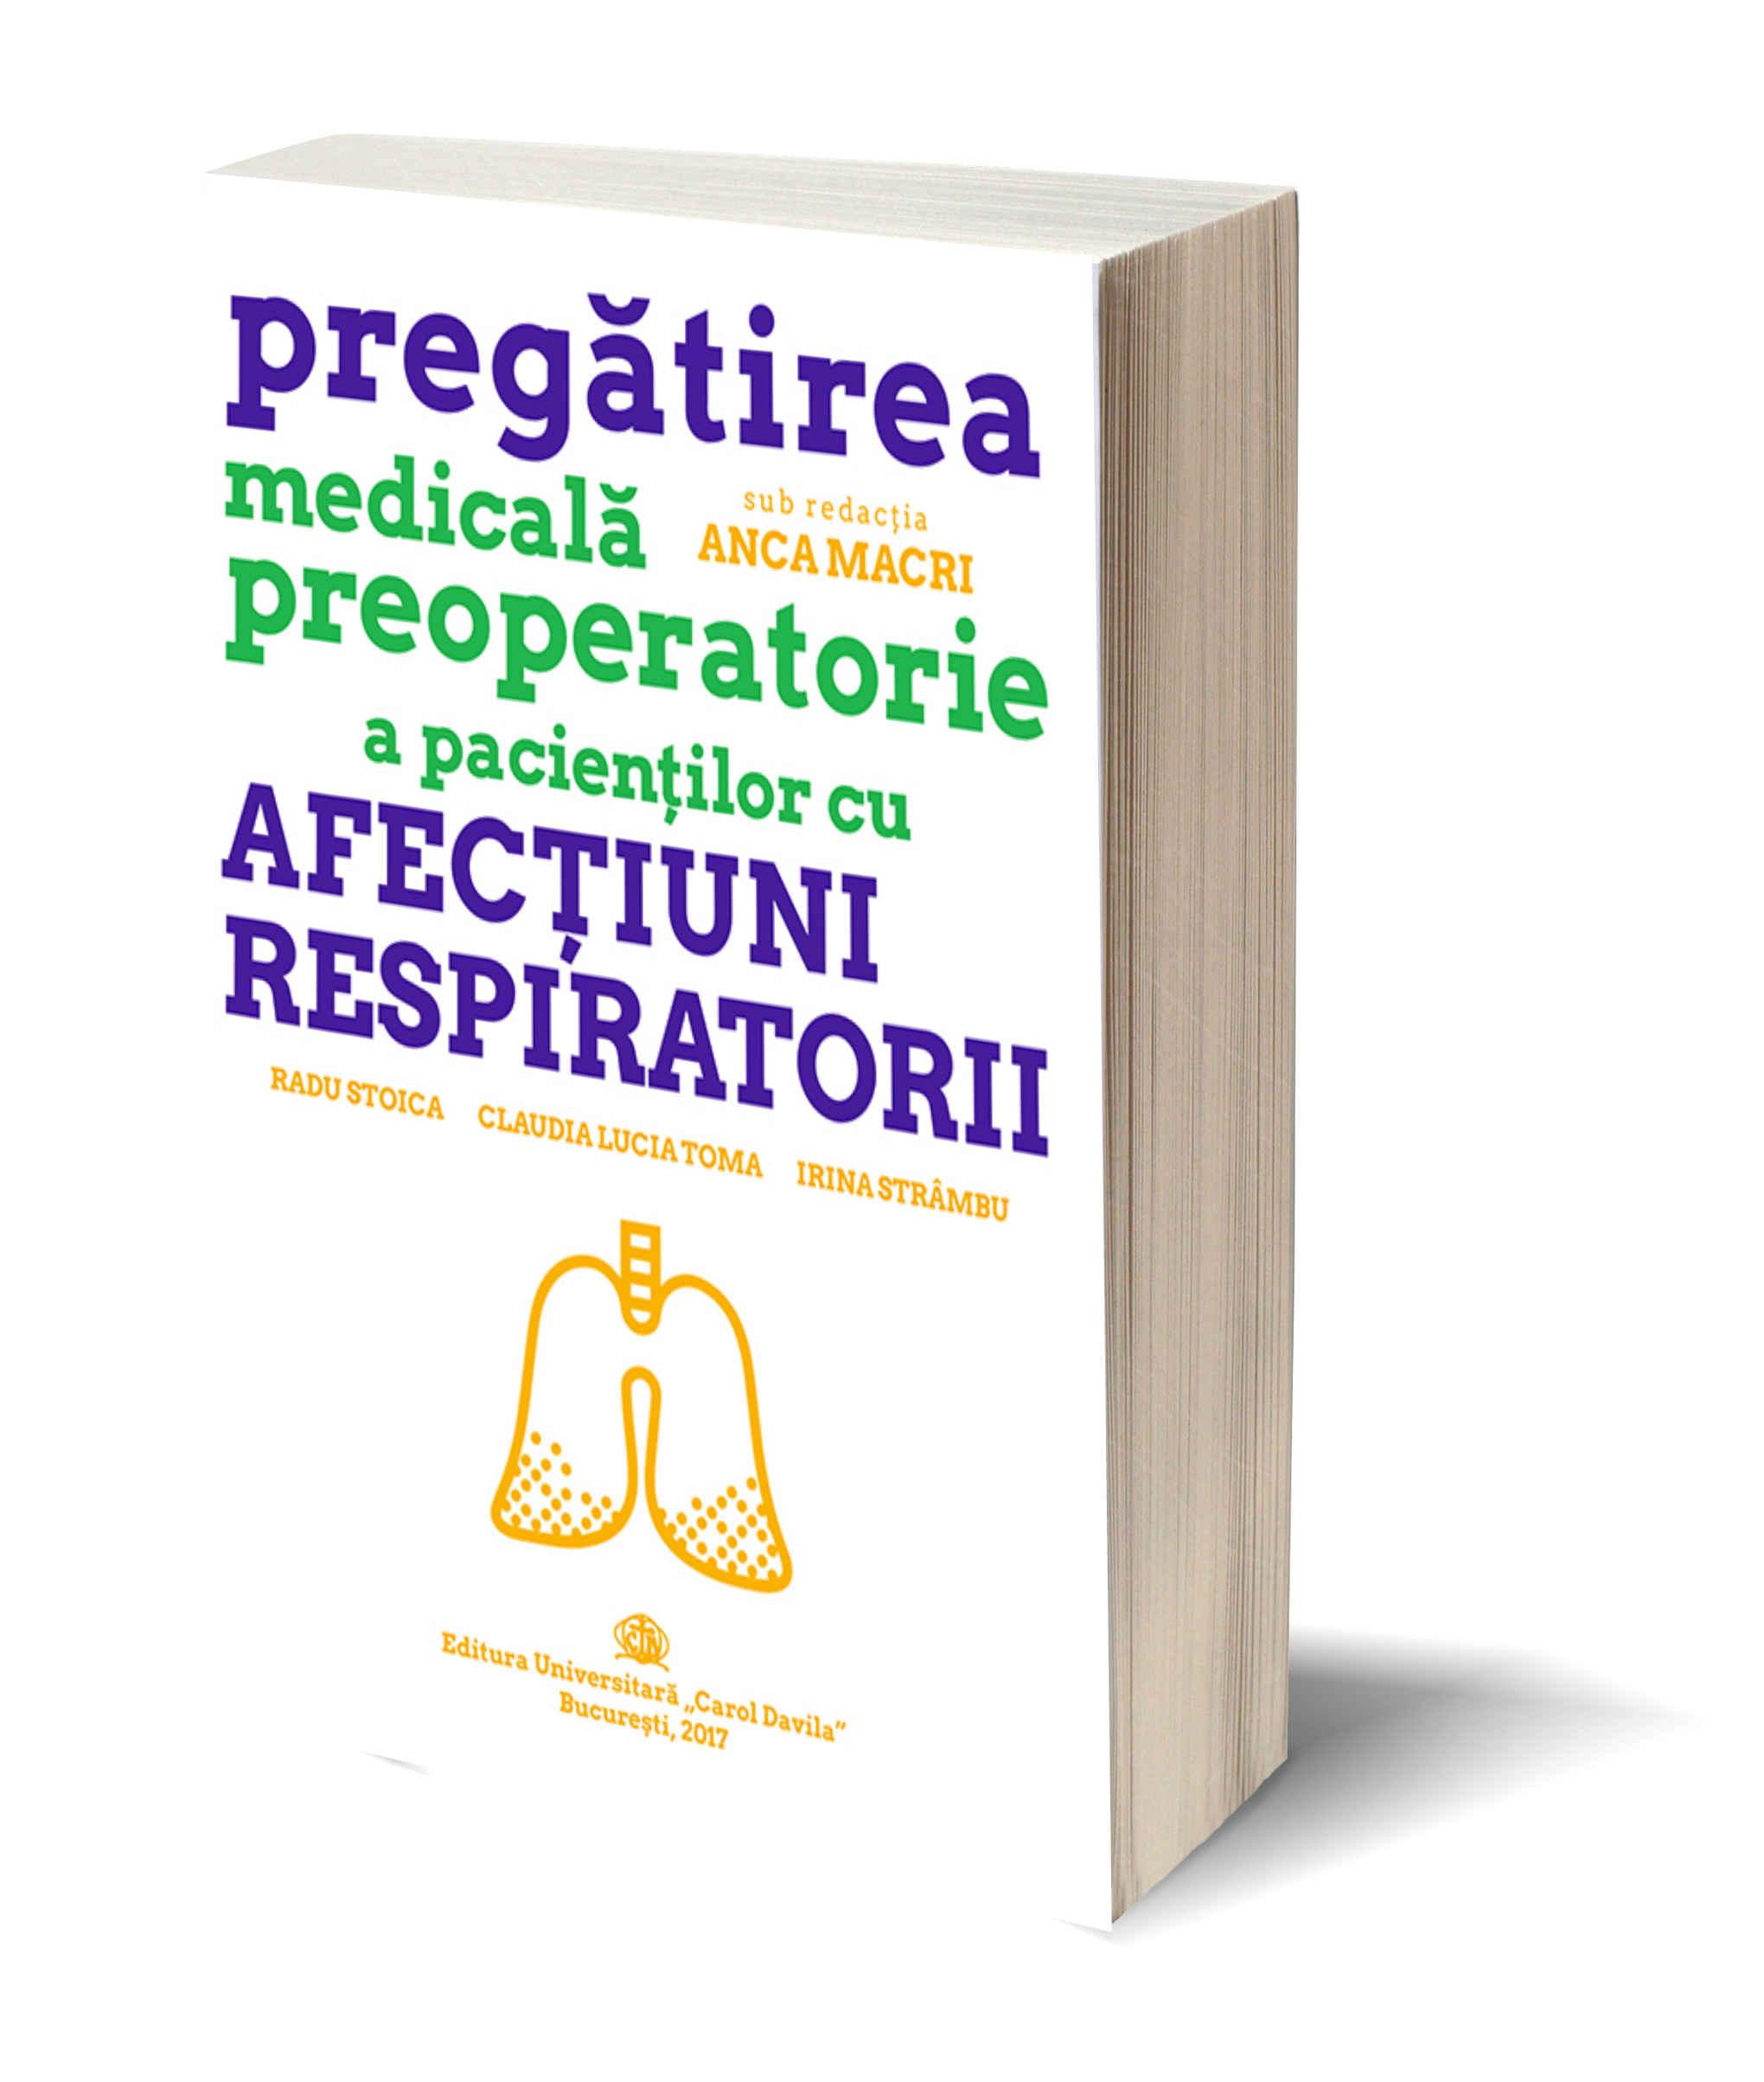 Pregatirea medicala preoperatorie